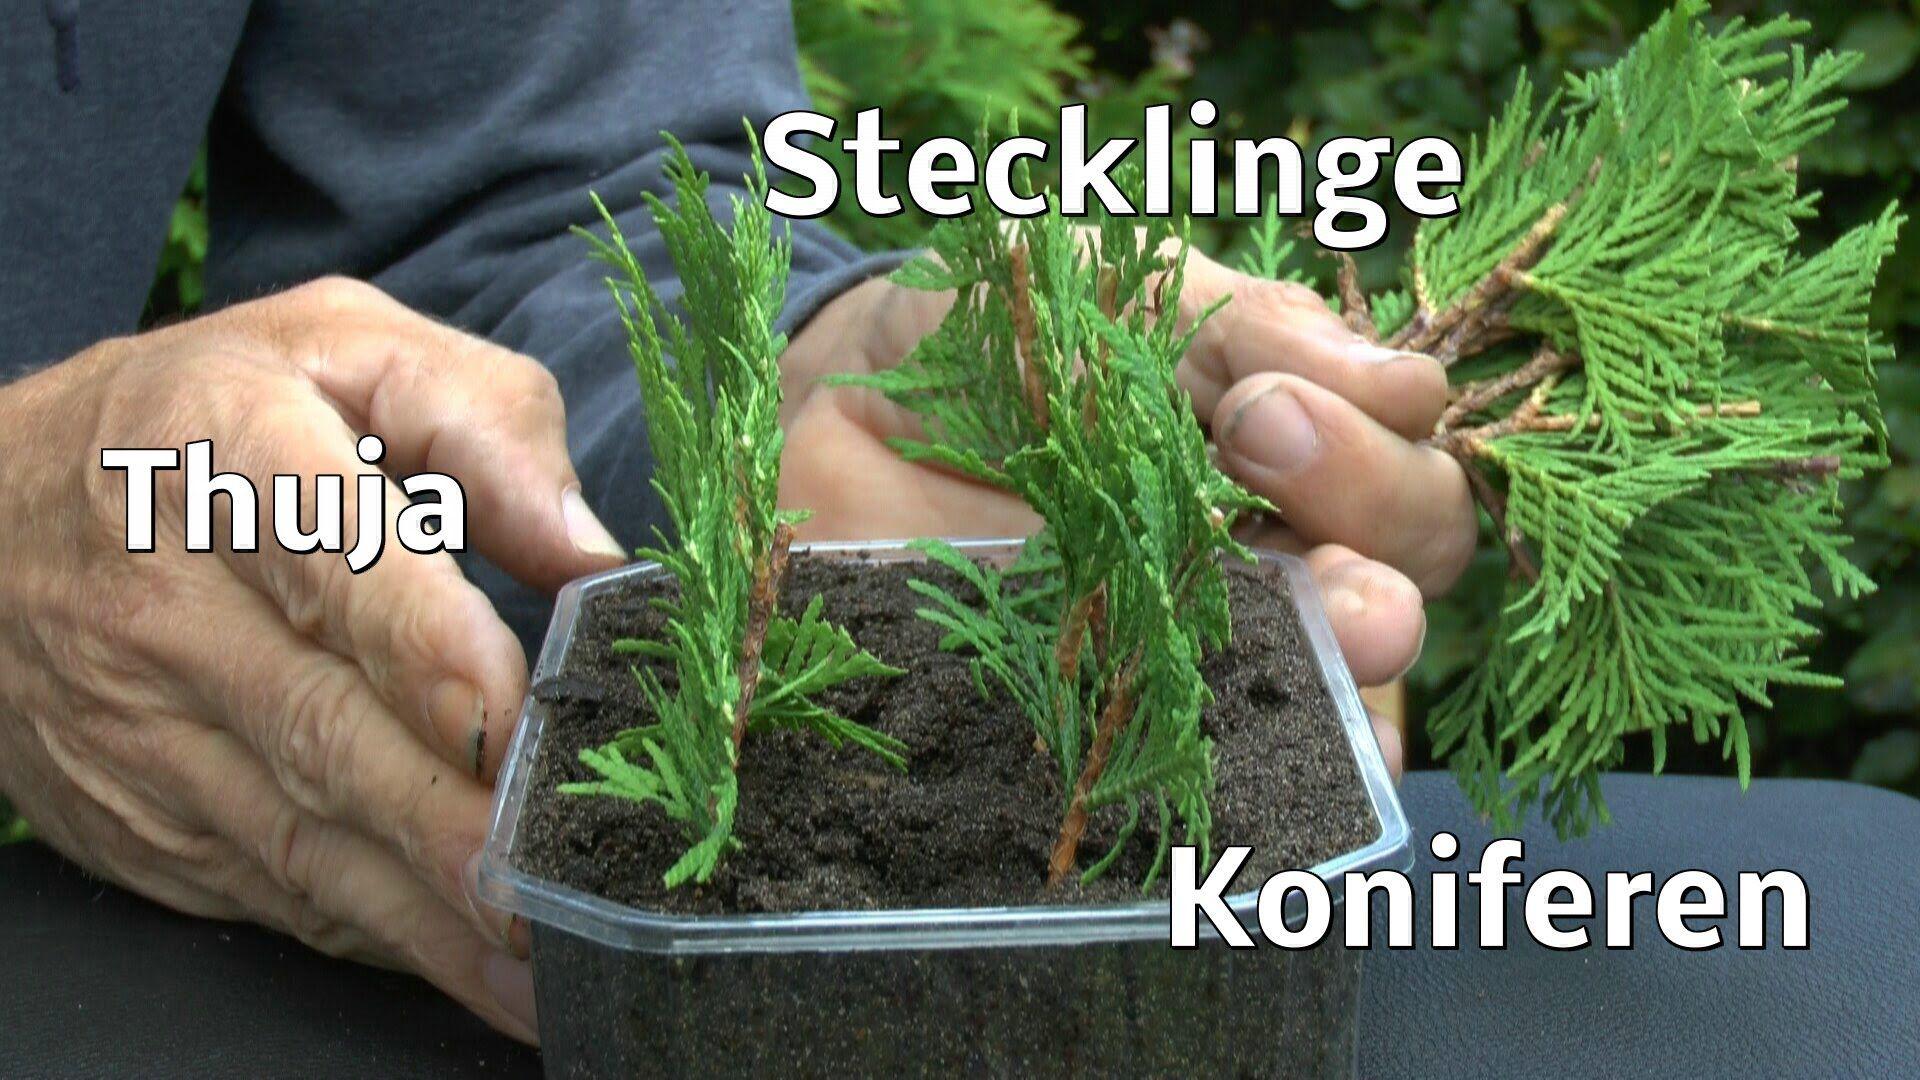 thuja stecklinge von koniferen ganz einfach vermehren zeigt der g rtner pflanzen vermehrung. Black Bedroom Furniture Sets. Home Design Ideas